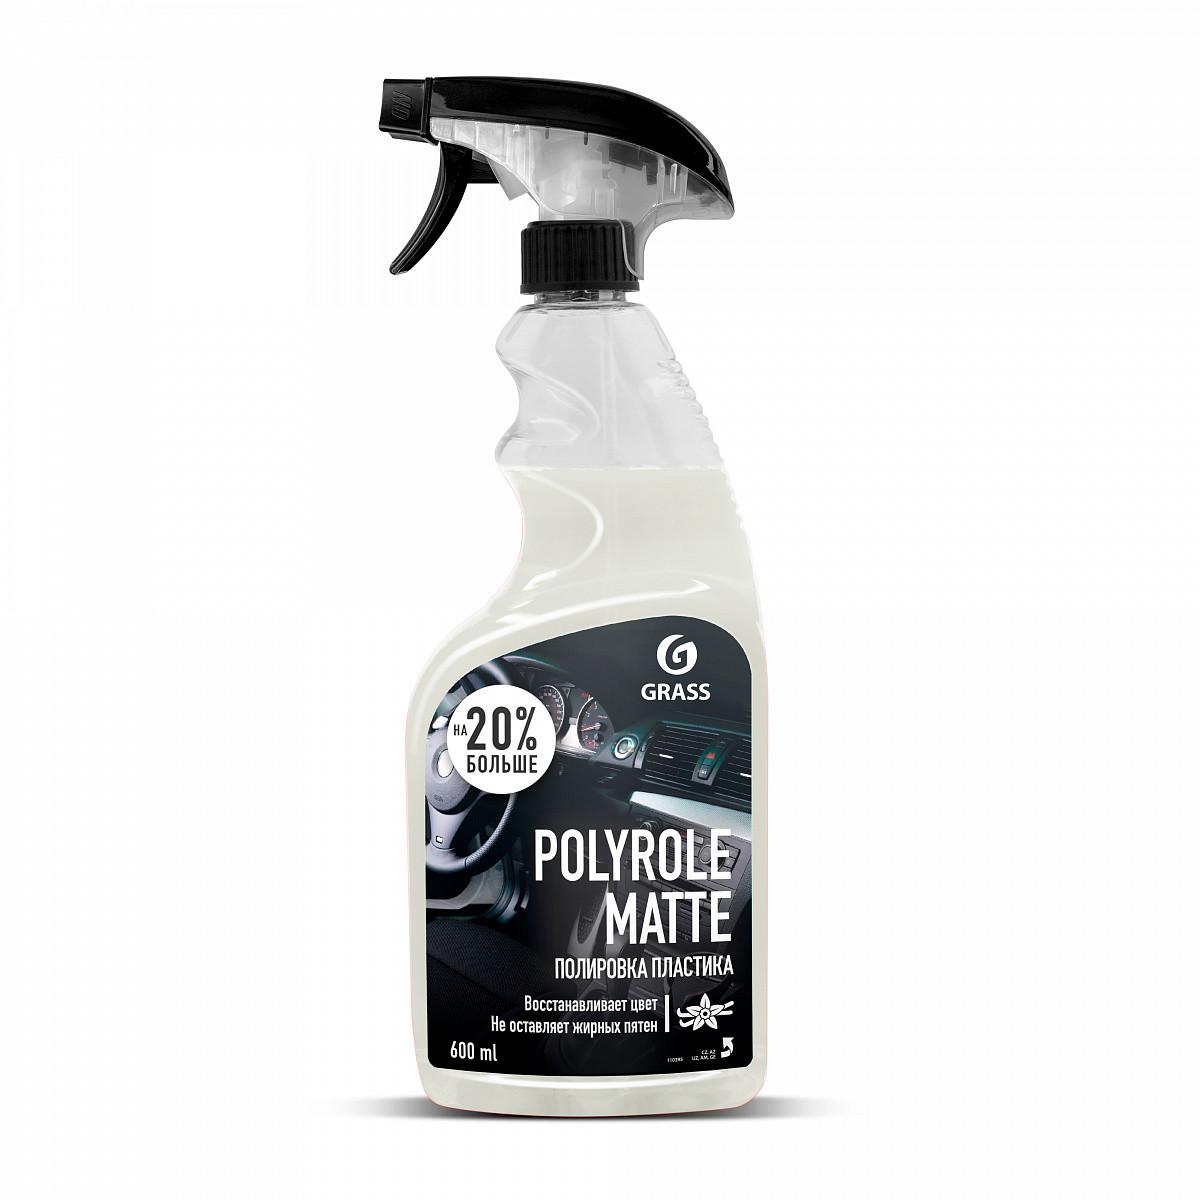 """Полироль-очиститель пластика матовый """"Polyrole Matte"""" ваниль, виноград (флакон 600мл)"""